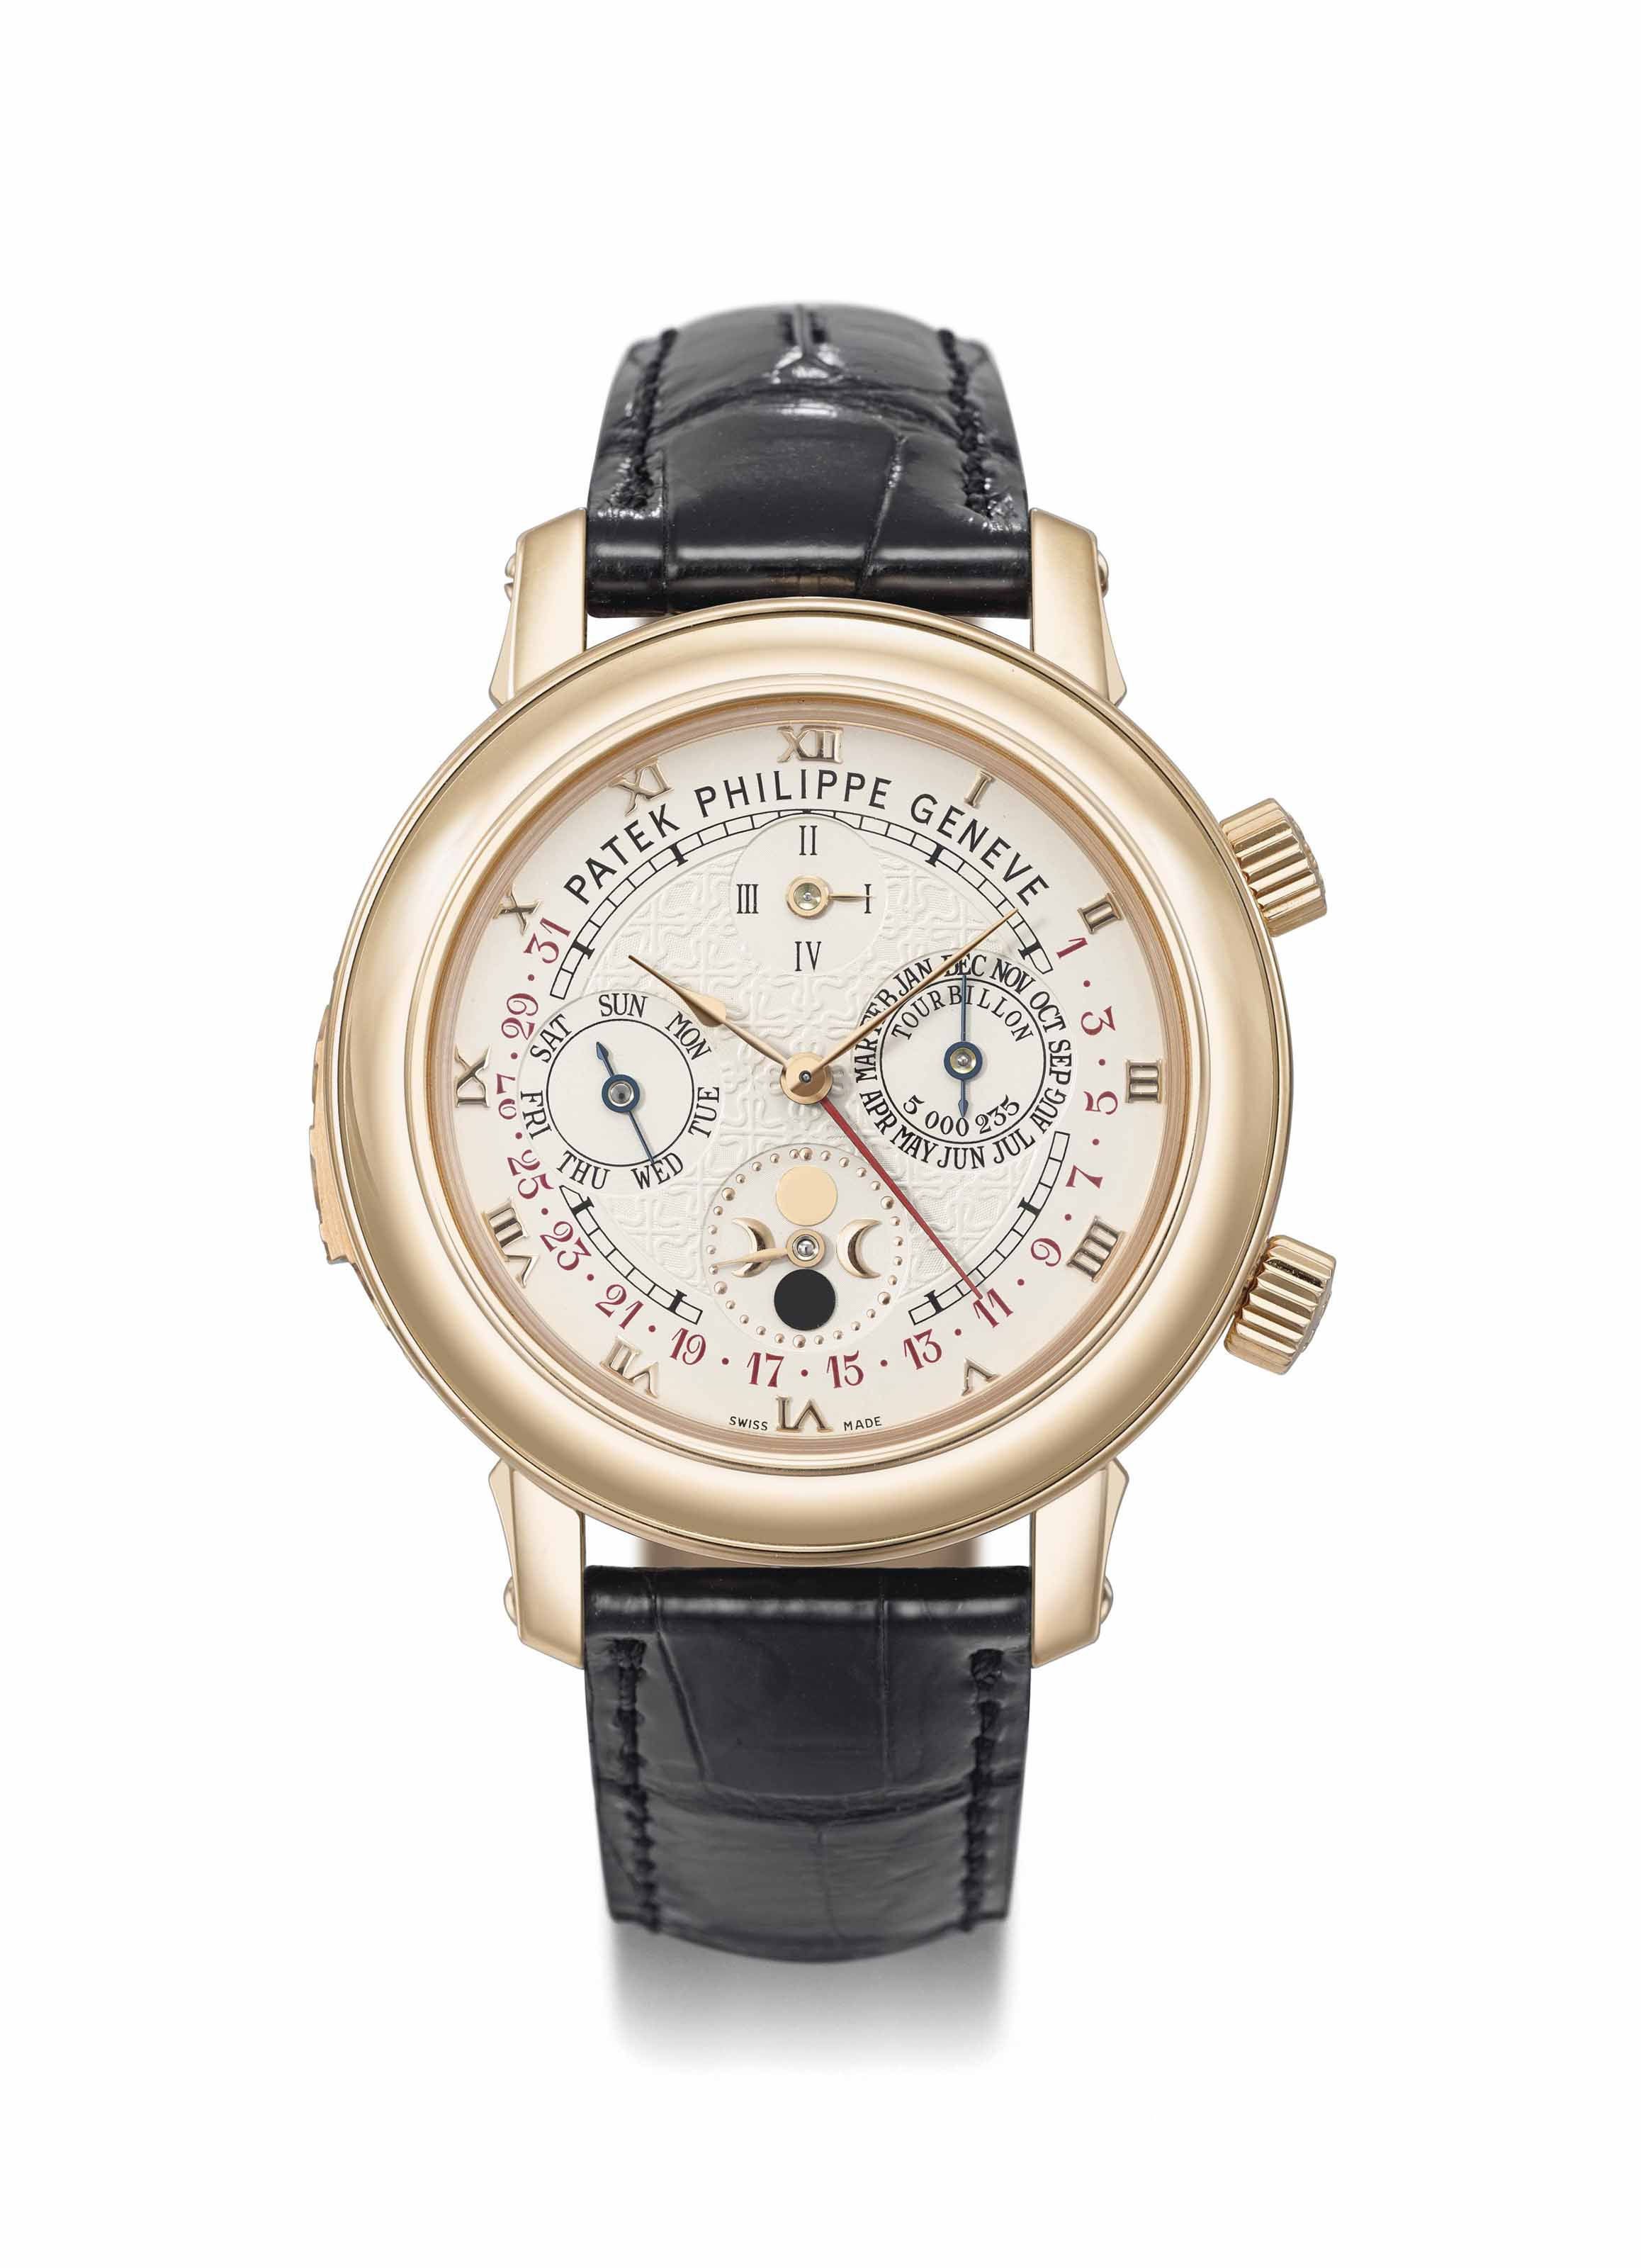 Philips Geneva Auction - Rolex